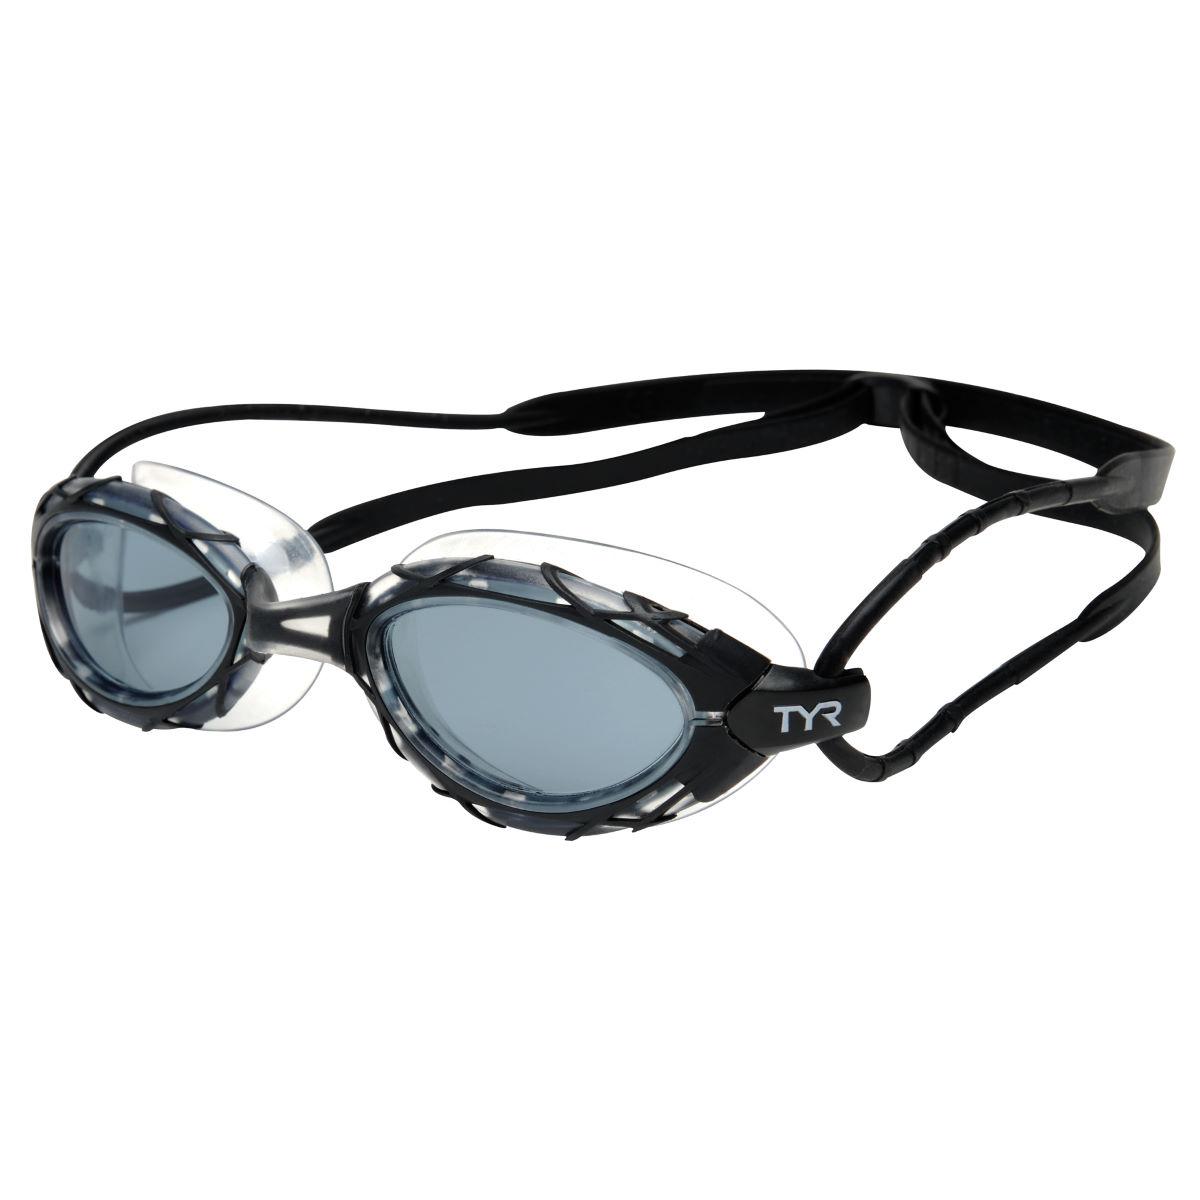 434fbb328c Gafas de natación TYR - Nest Pro - Gafas de natación - Adultos ...